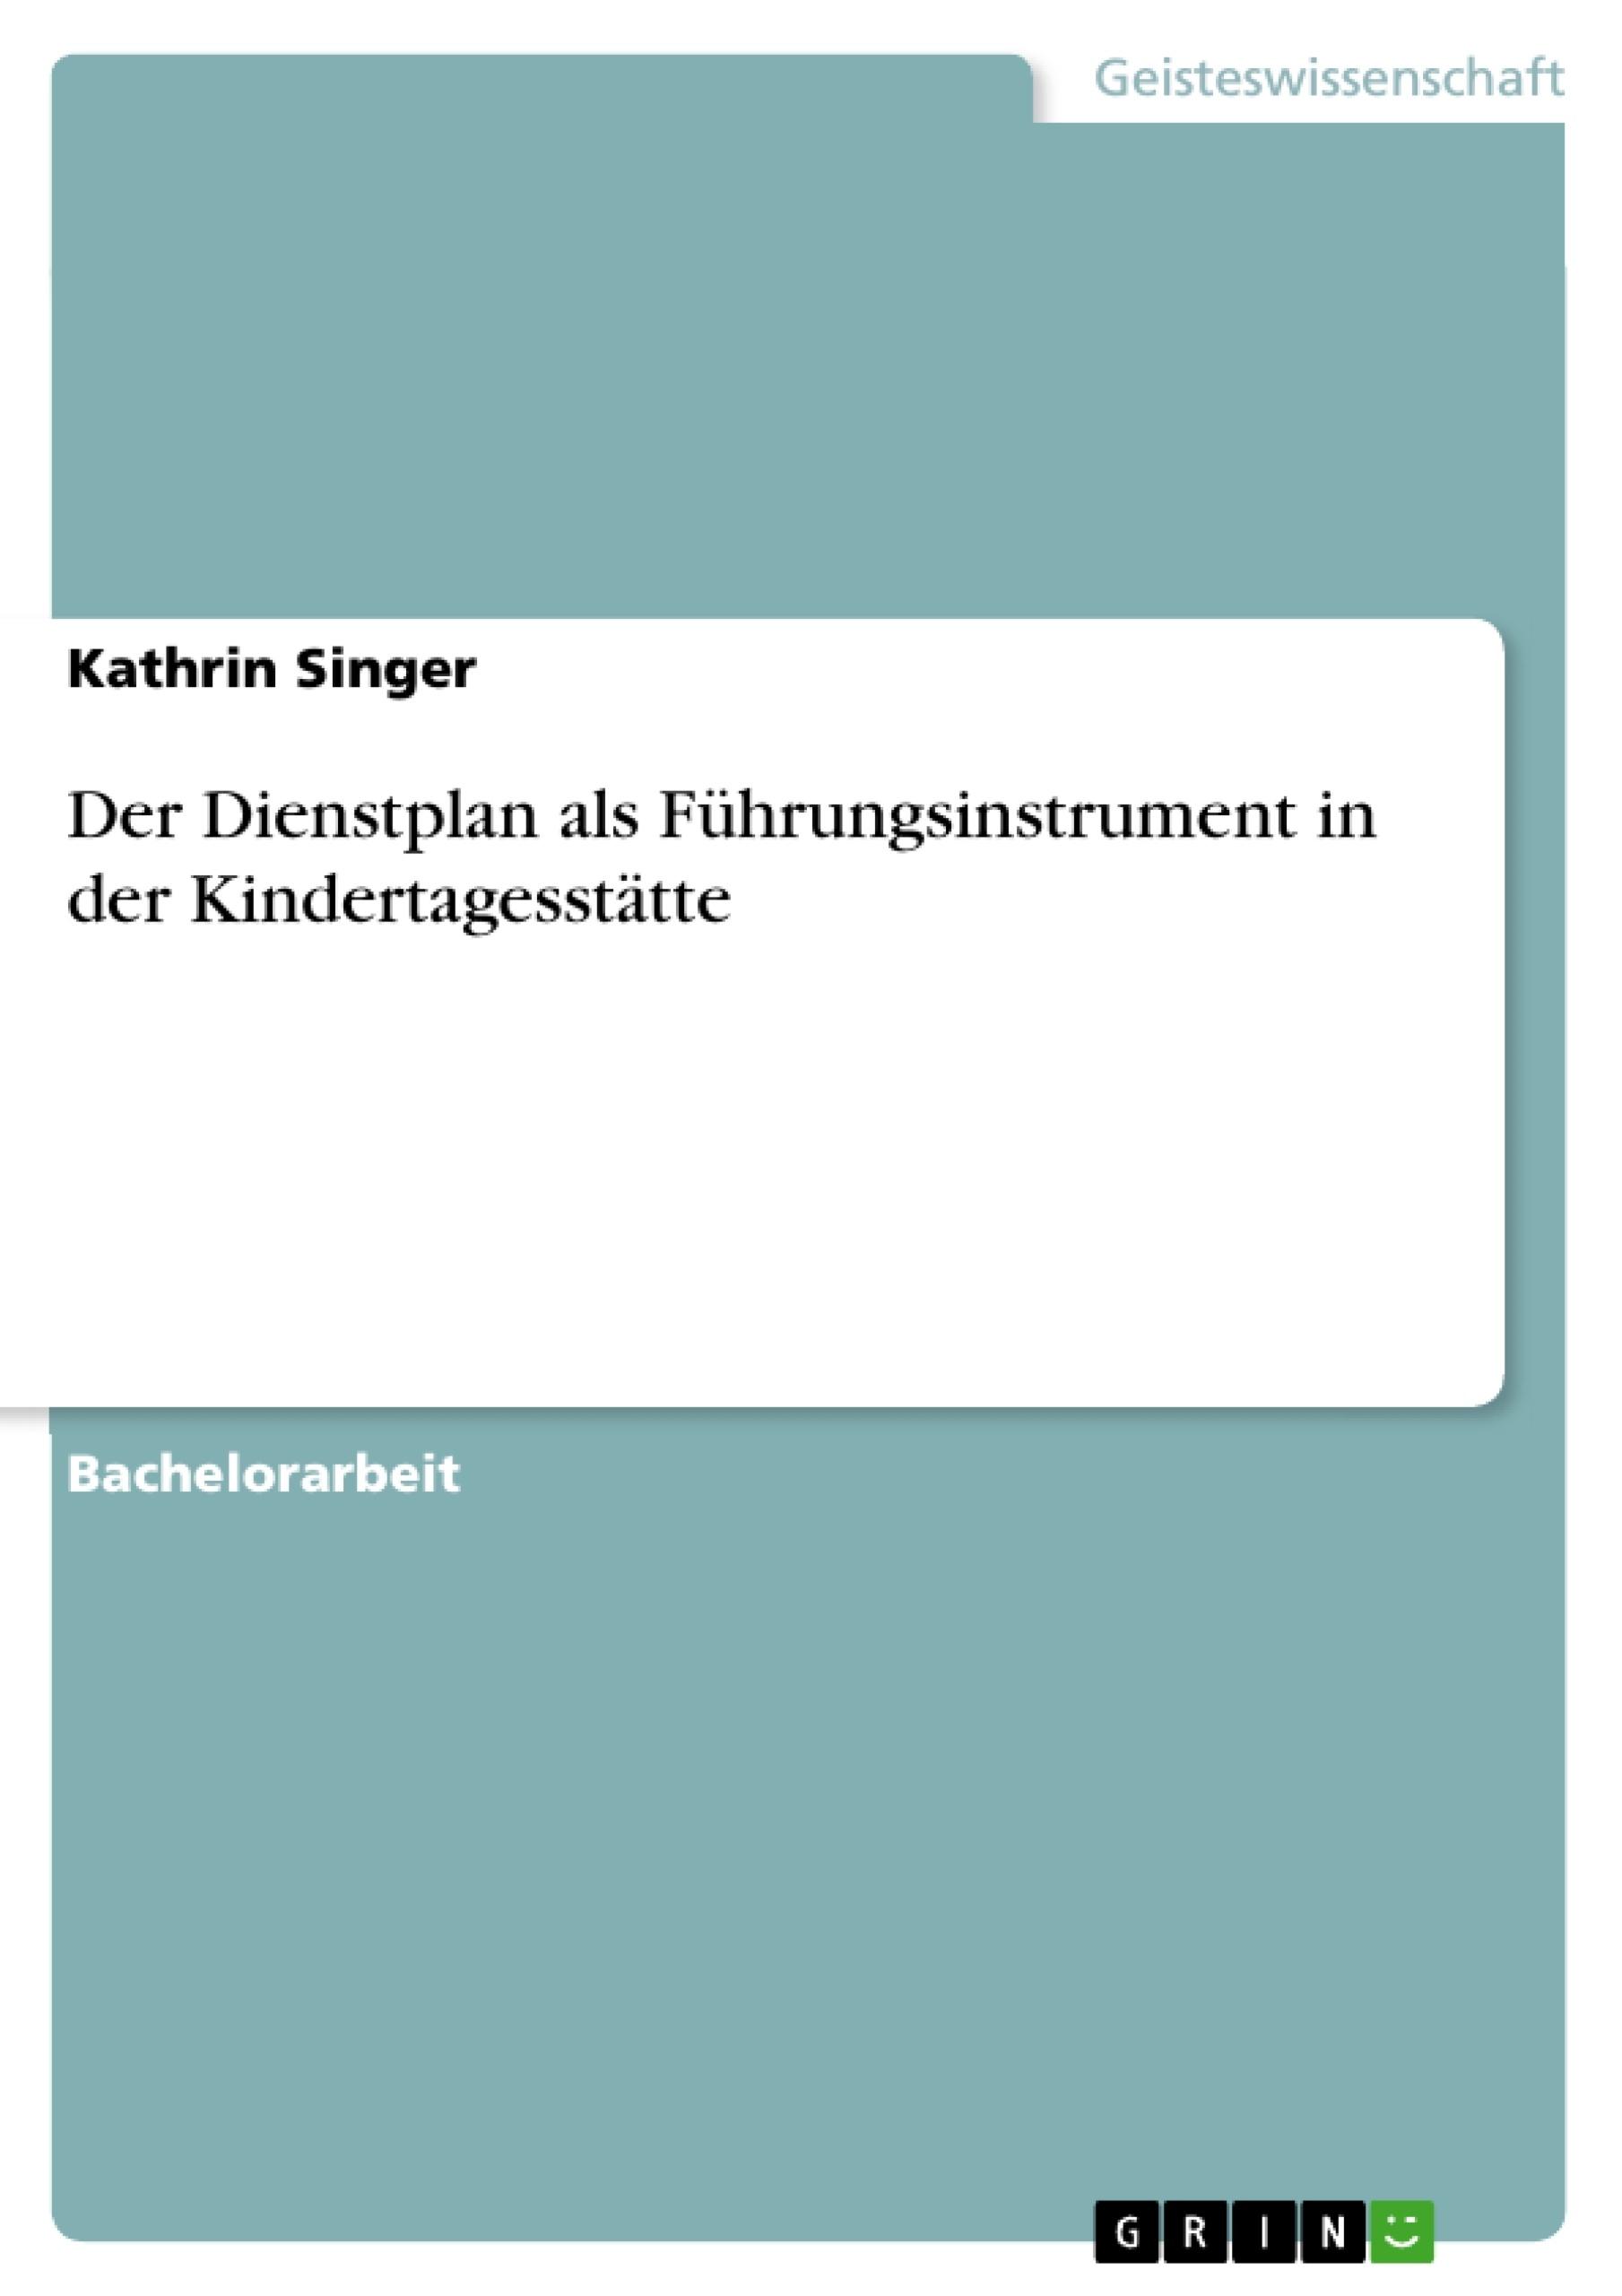 Titel: Der Dienstplan als Führungsinstrument in der Kindertagesstätte